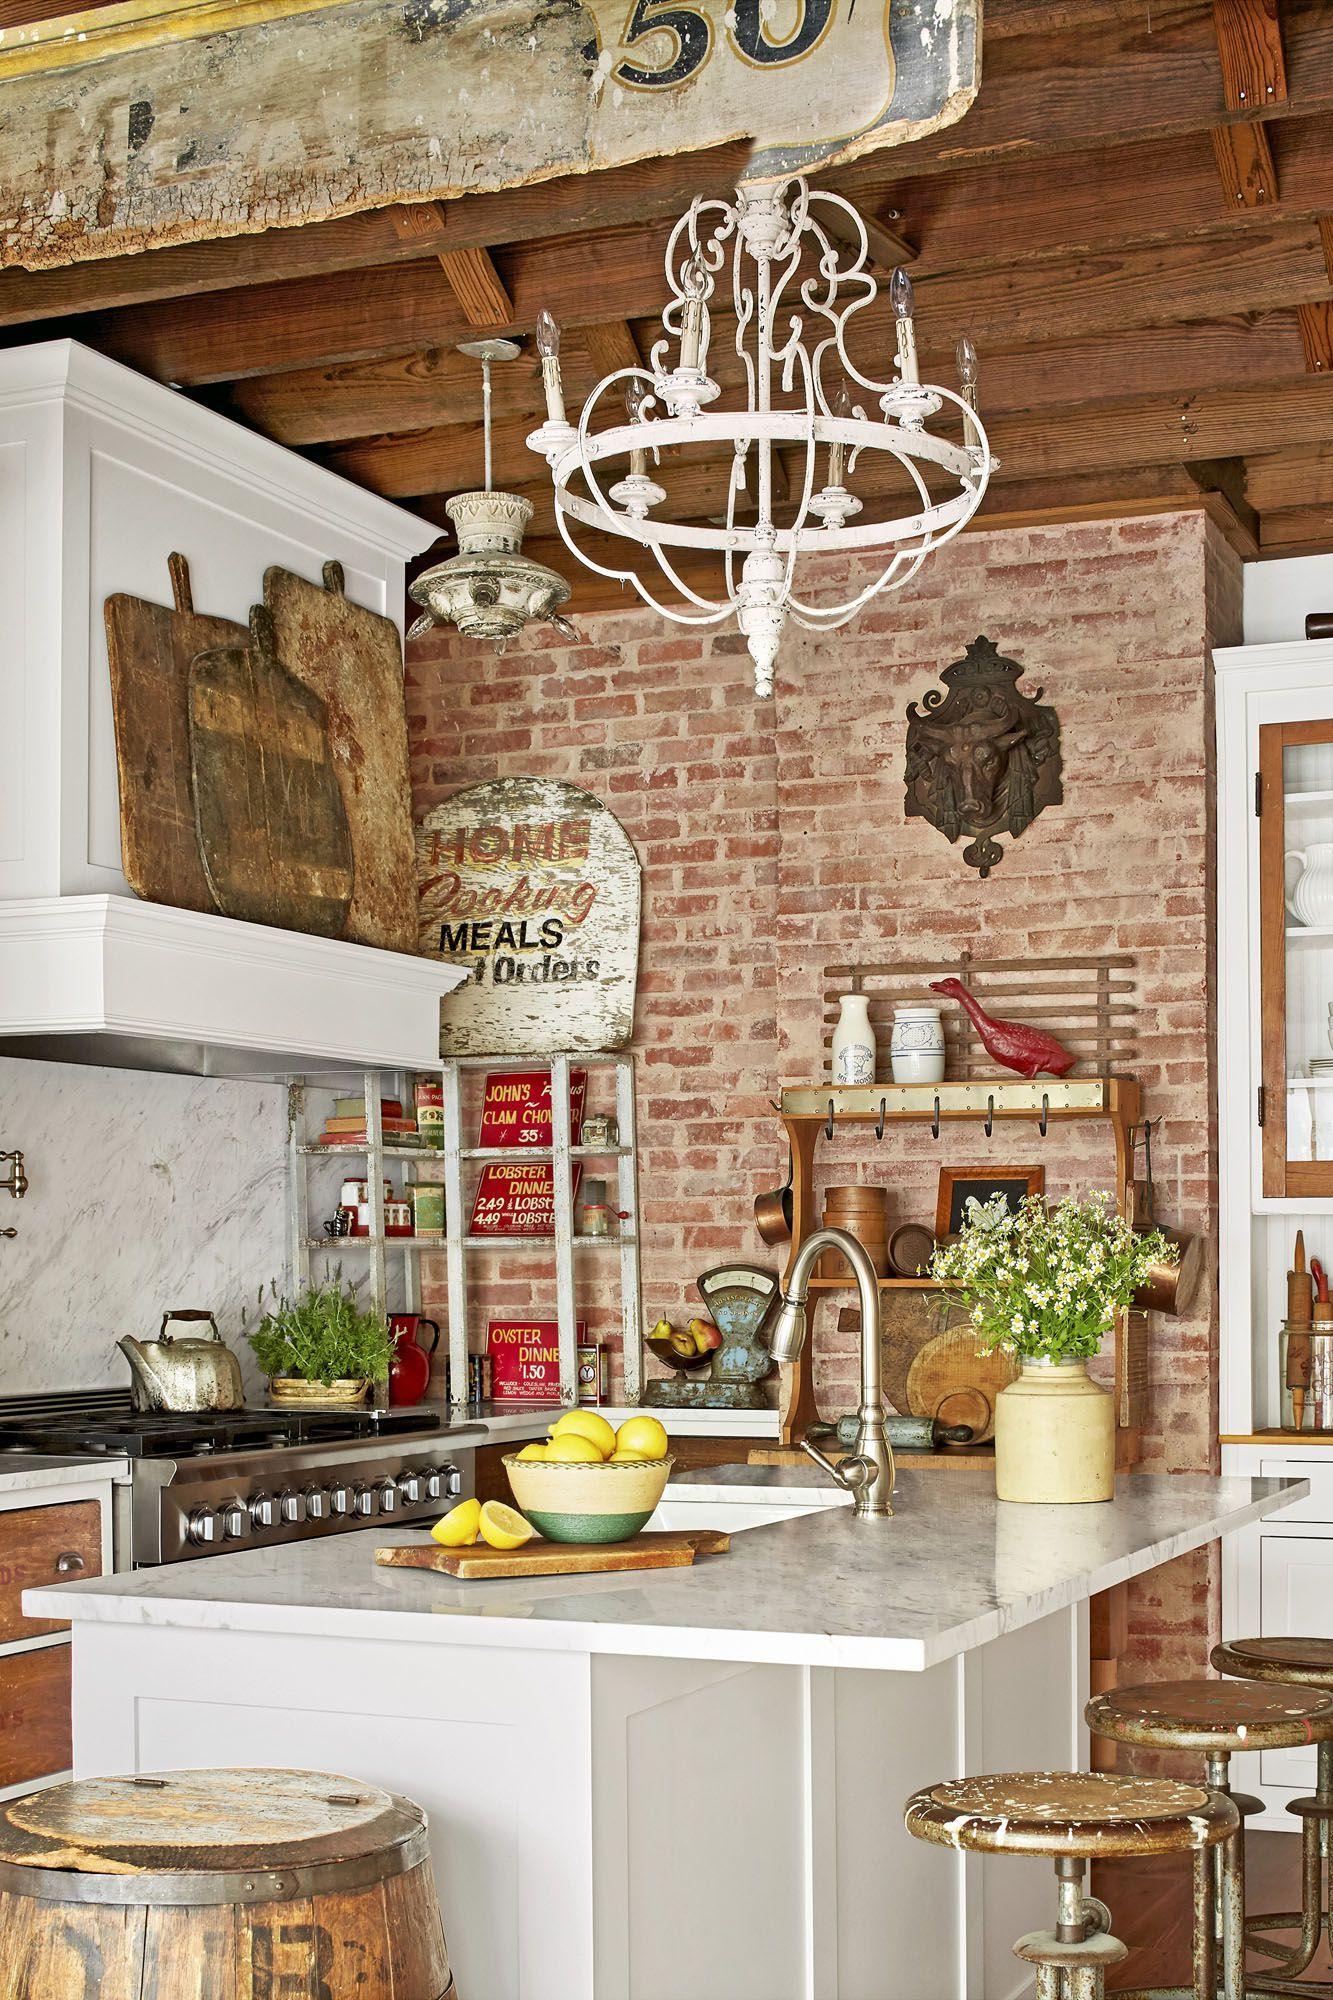 55+ Best Kitchen Island Ideas - Stylish Designs for Kitchen ...